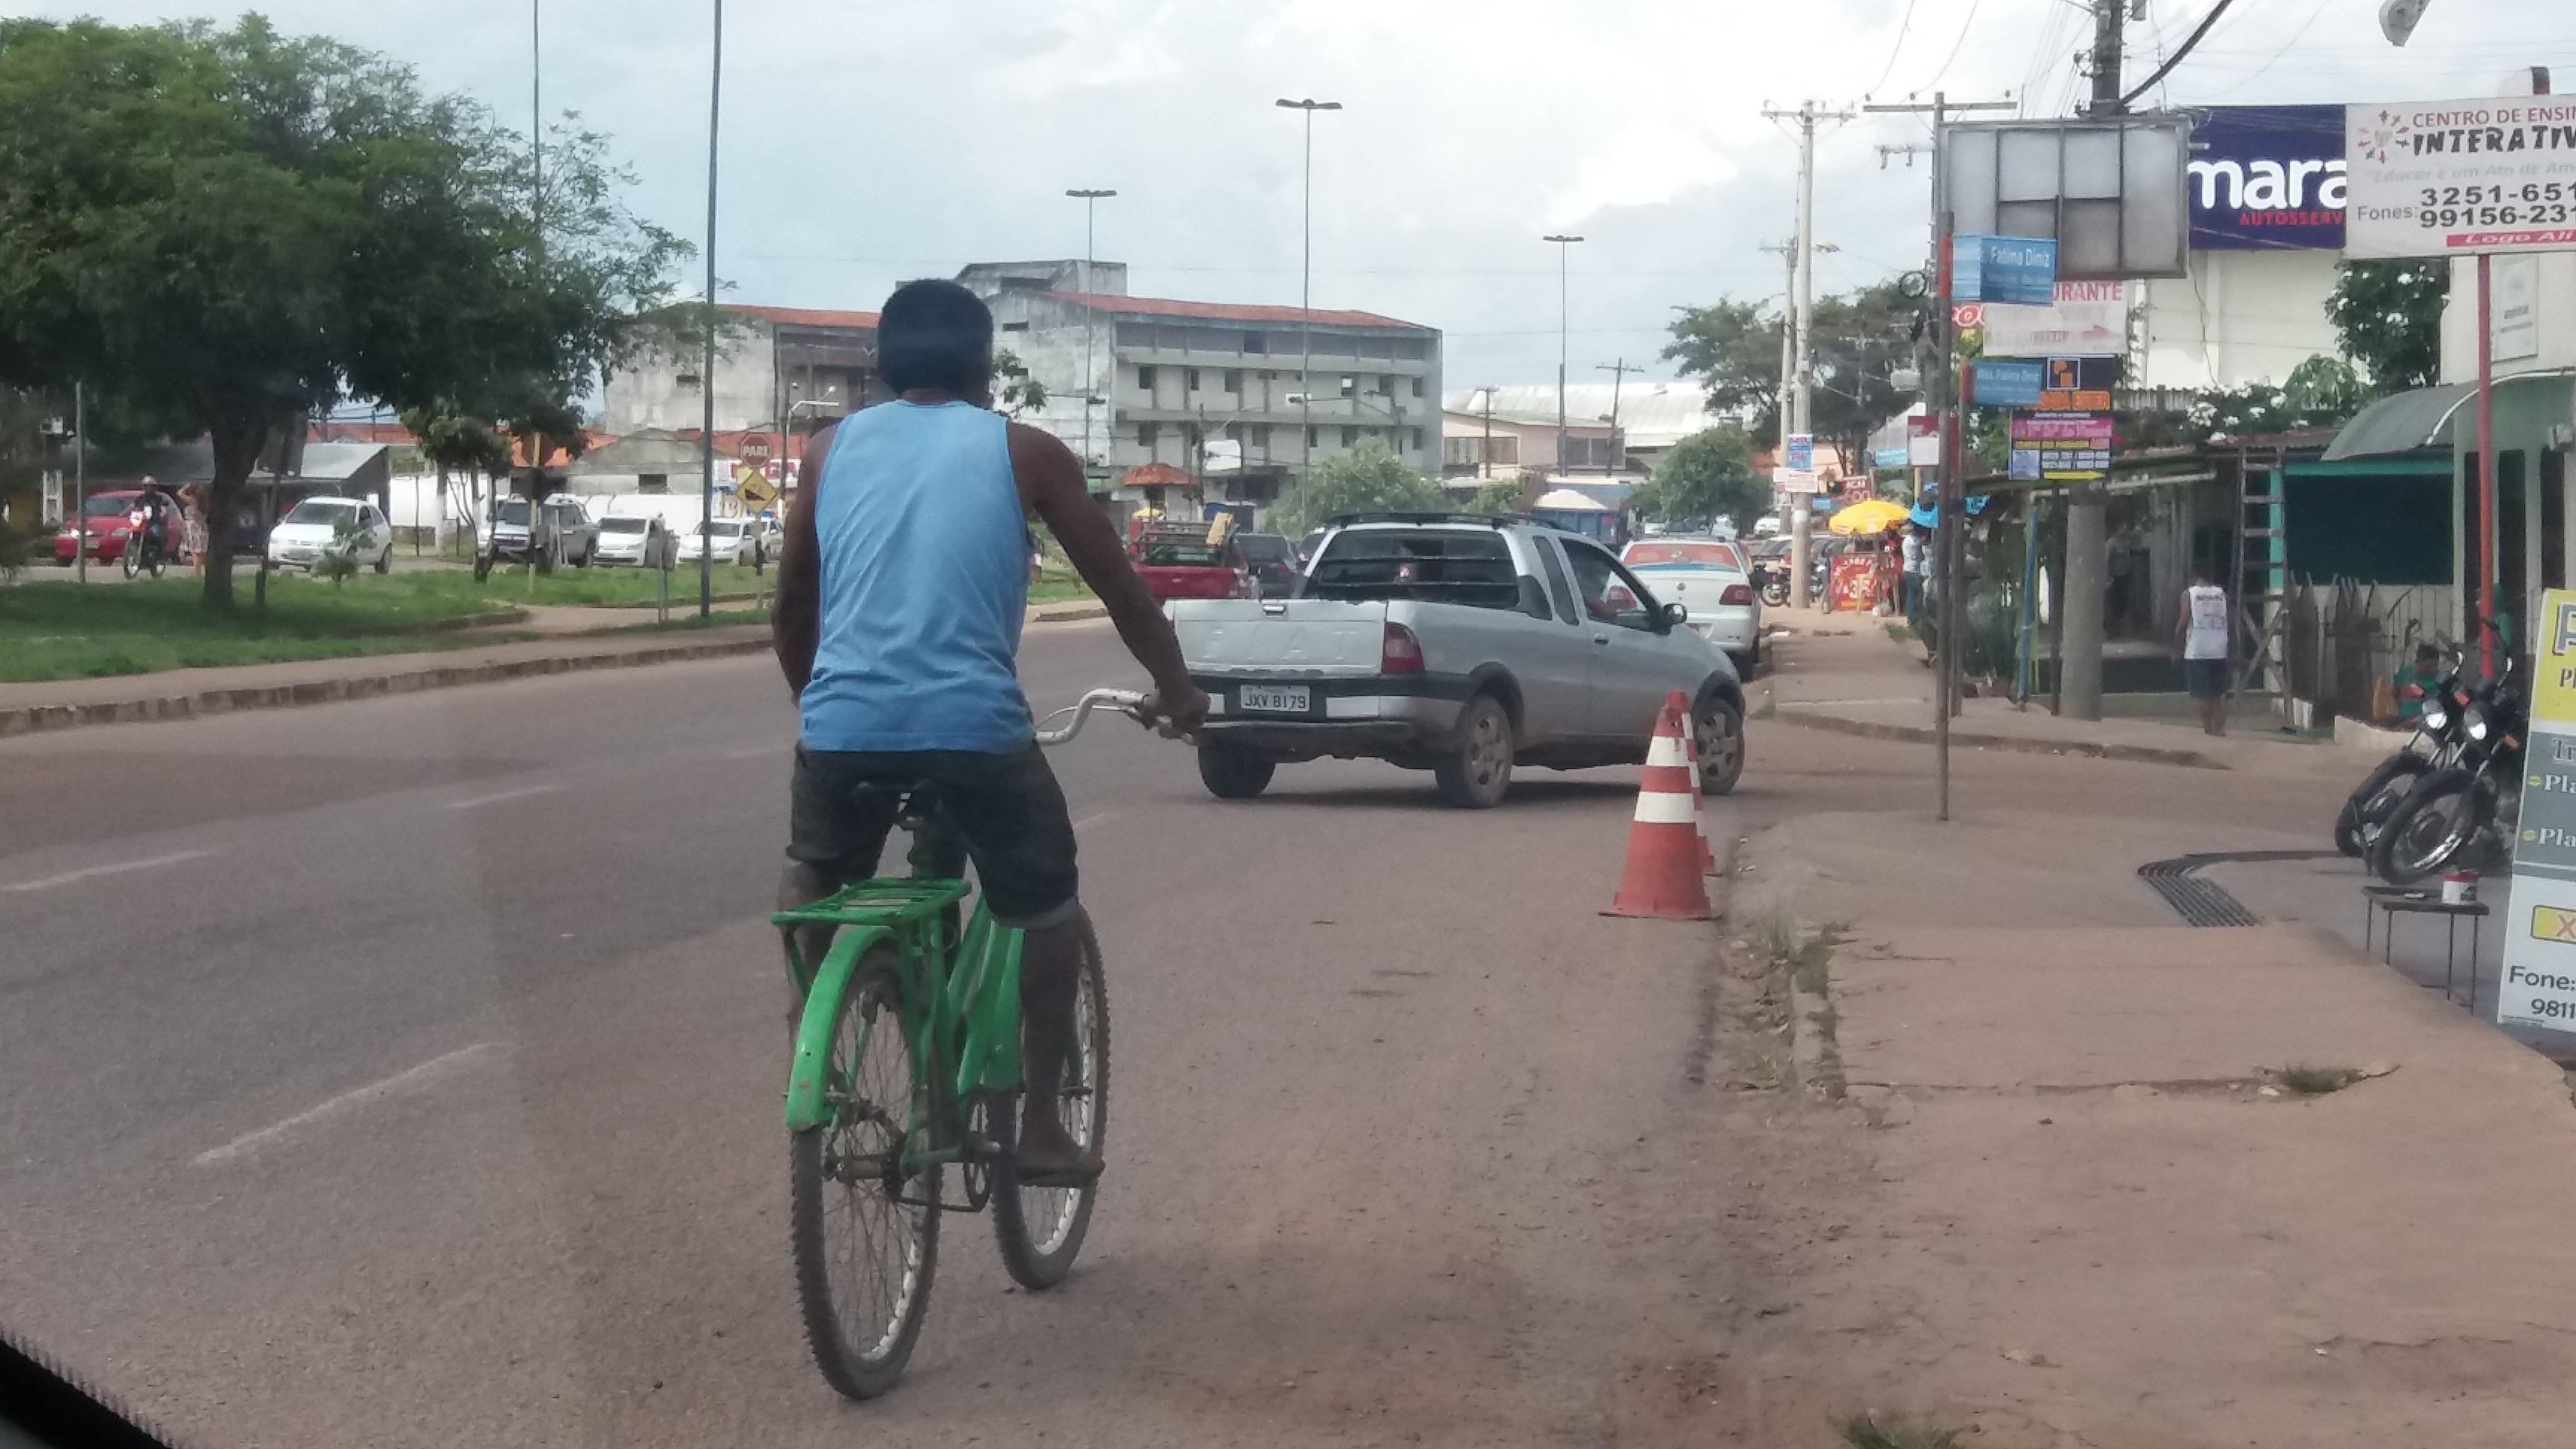 Semana Nacional de Trânsito reforça prevenção e orientações a ciclistas, em Macapá - Notícias - Plantão Diário